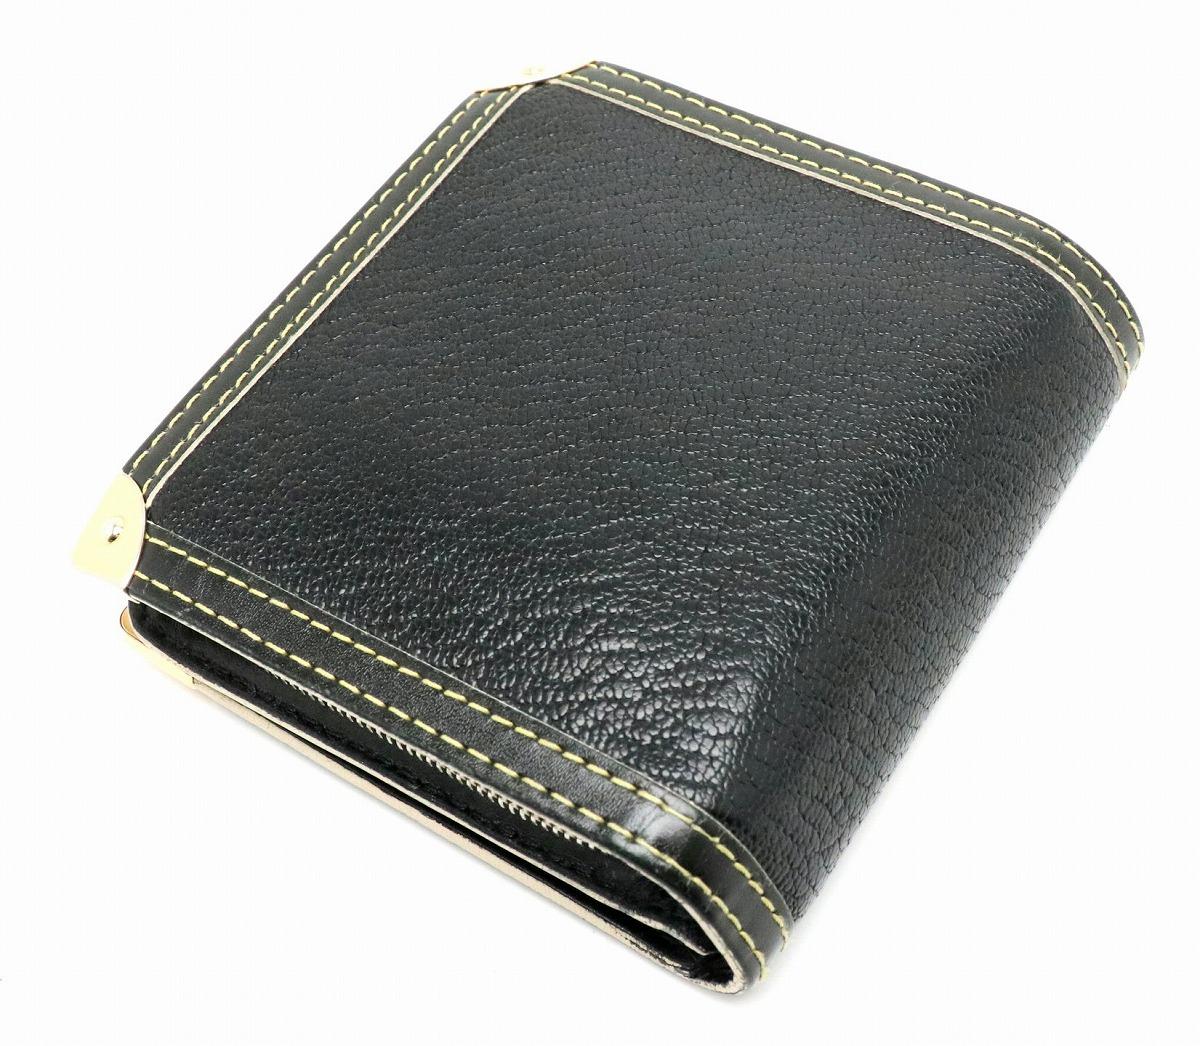 d030c20c7cf8 ... 財布】LOUISVUITTONルイヴィトンスハリコンパクトジップ2つ折財布レザーノワール黒ブラック ...